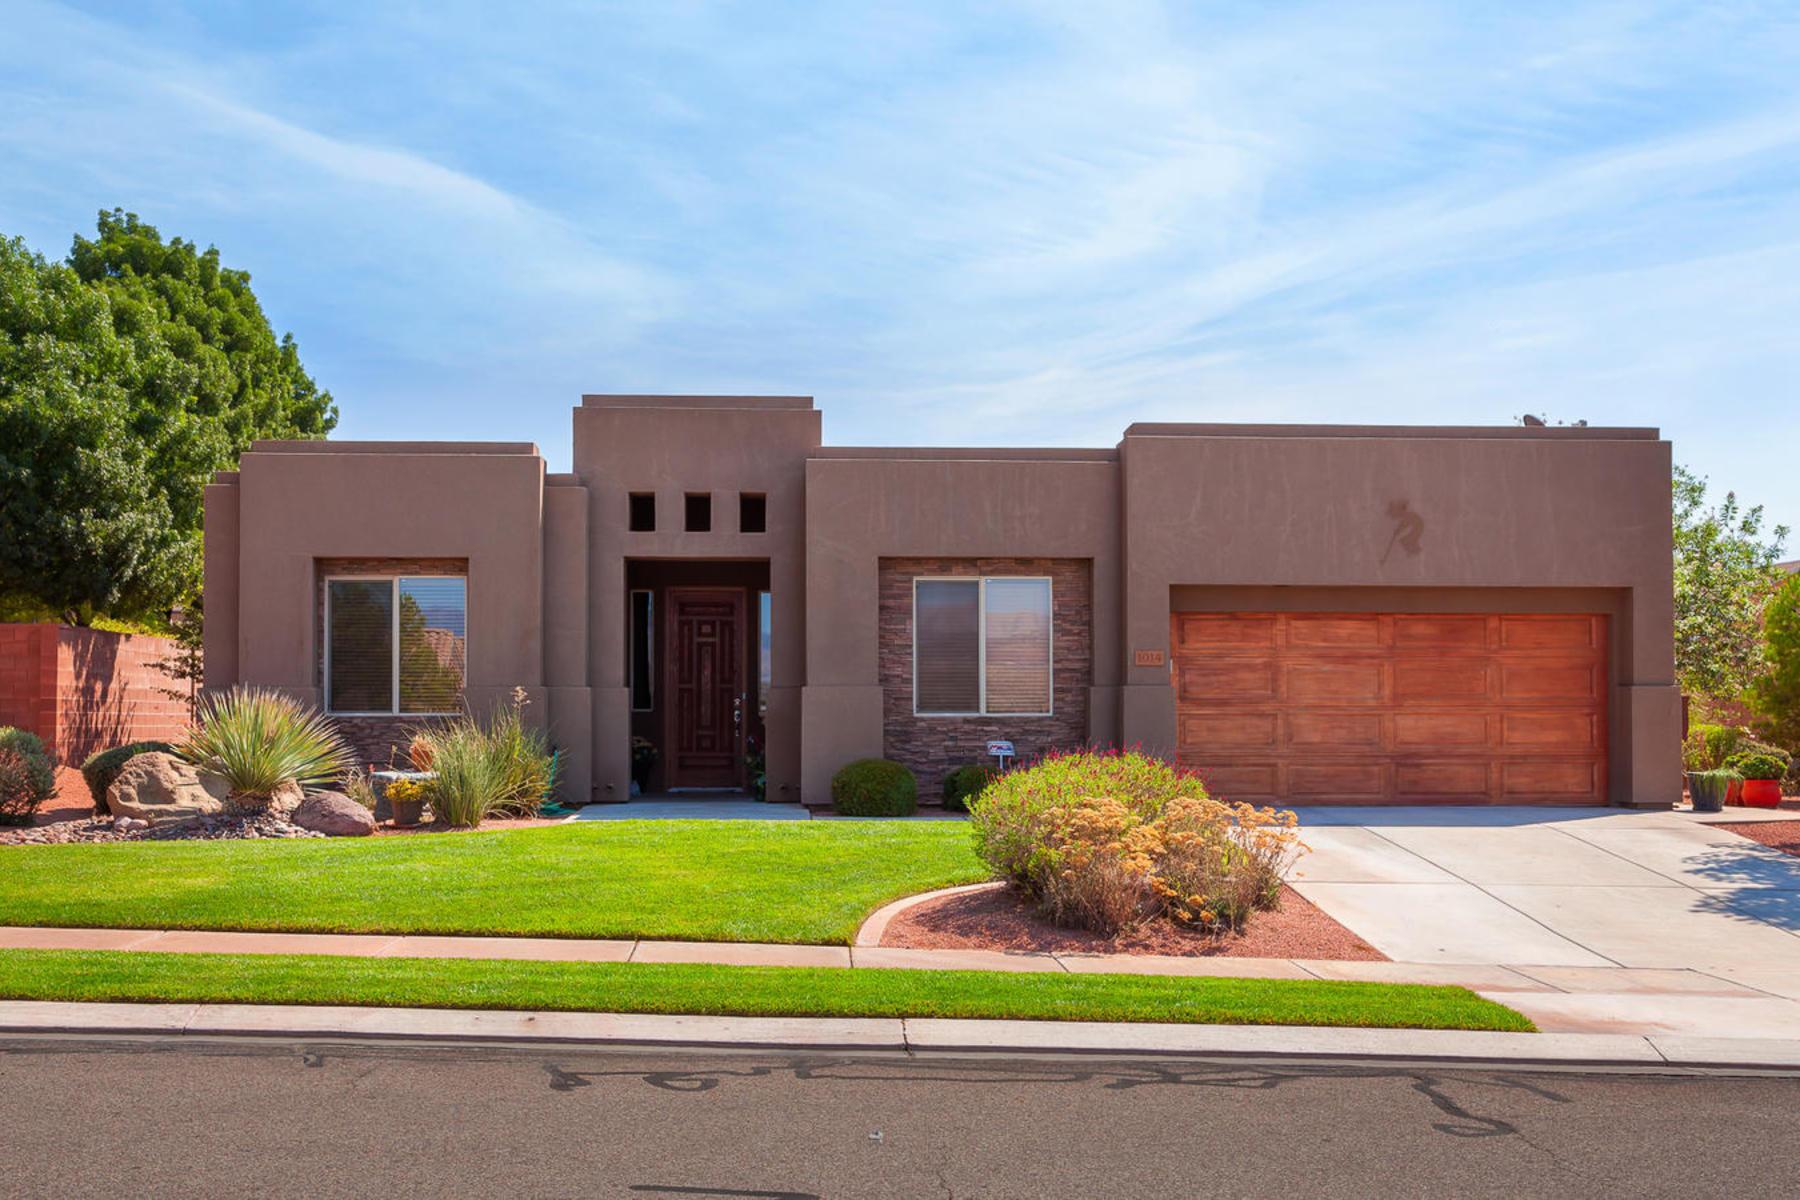 Casa para uma família para Venda às Stone Gate at Seven Hills 1014 N 2130 St W St. George, Utah 84770 Estados Unidos